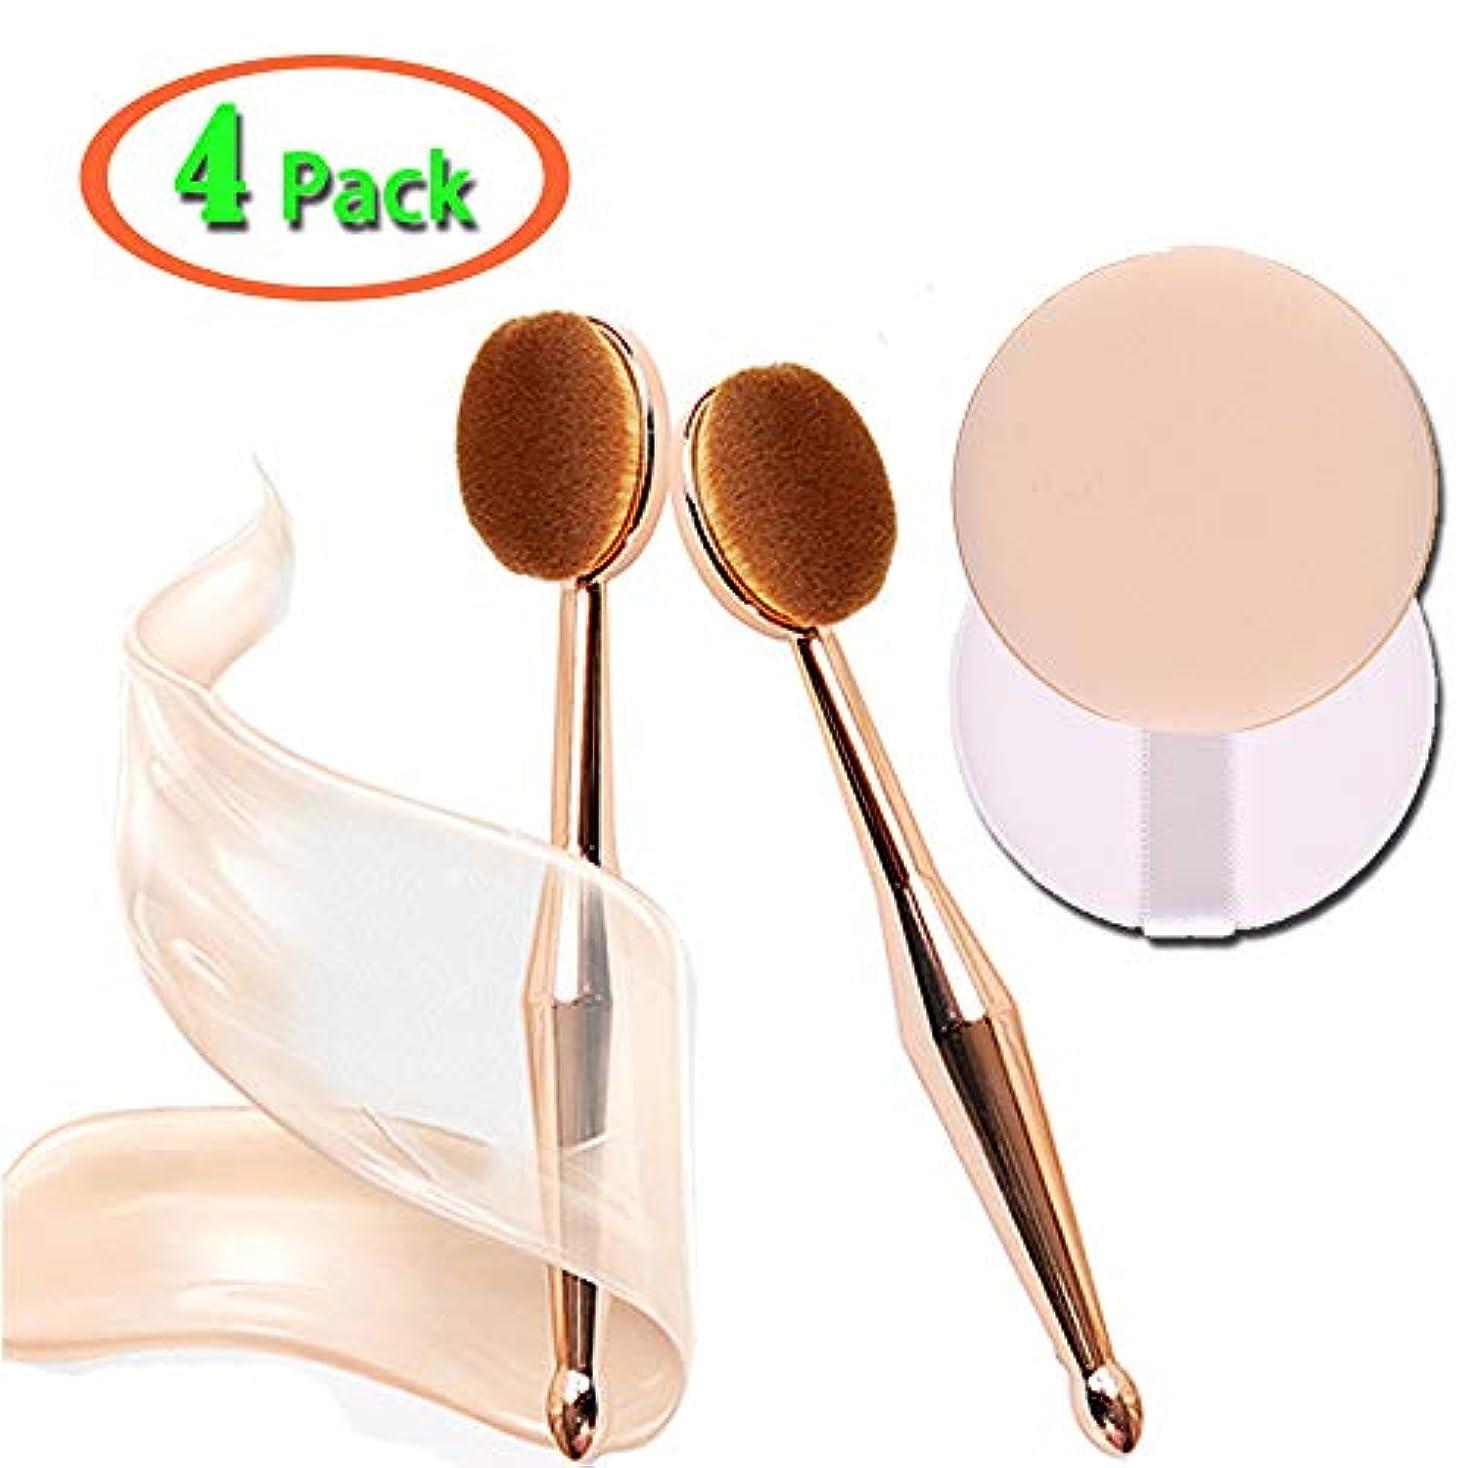 猛烈なベルト命令YuJiny 化粧ブラシ 歯ブラシ型 高級繊維毛 ファンデーションブラシ メイクブラシ メイクアップブラシ 肌に優しいパフ 化粧 ファンデーションブラシ 2ペア ゴールド